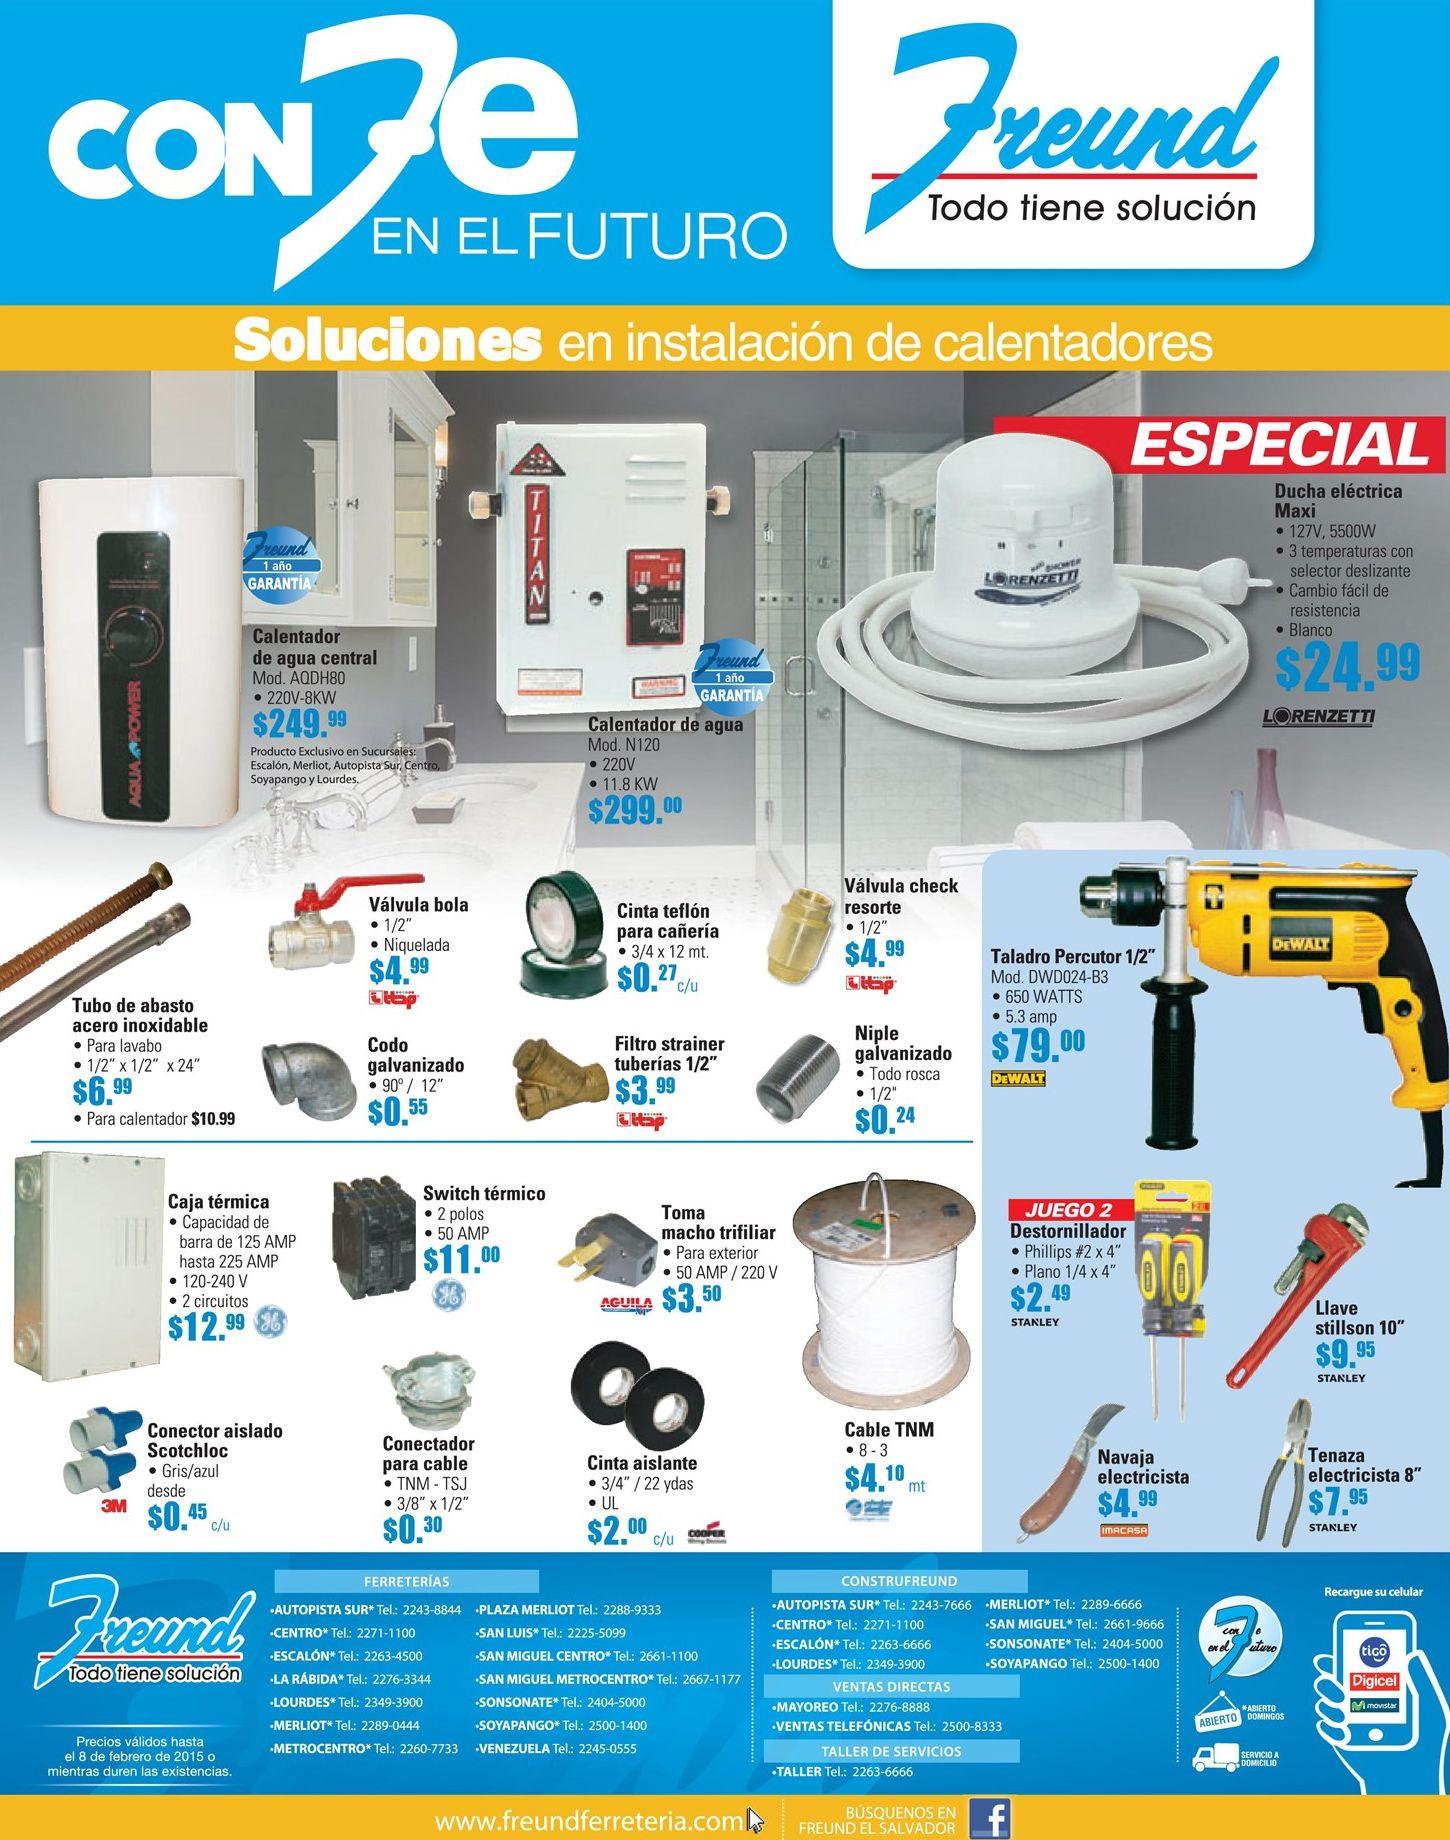 Instalar una ducha electrica 23ene15 ofertas ahora for Instalar ducha